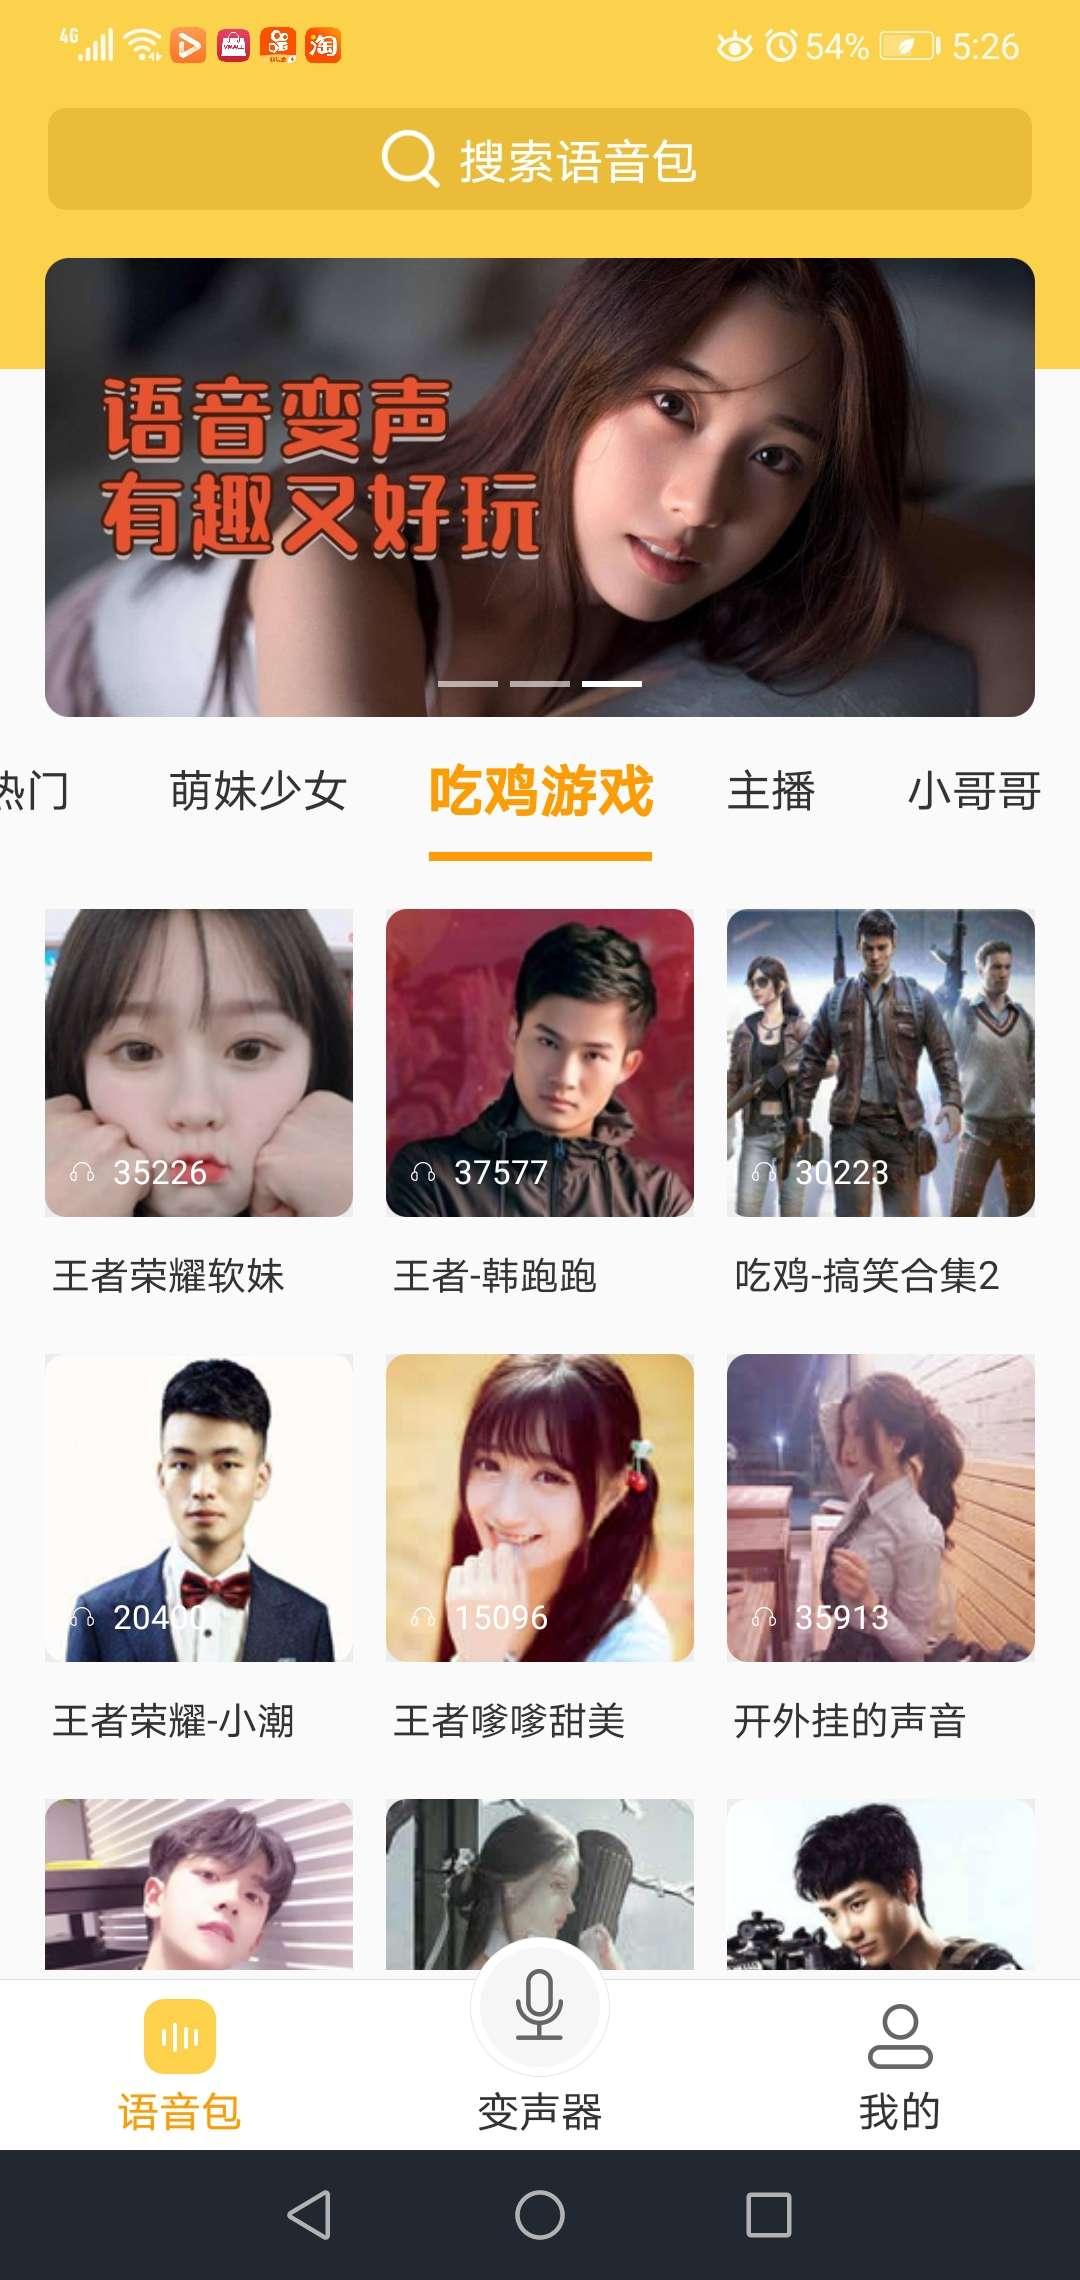 【安卓软件】变声语音包大叔变奶苟少女变萝莉奈斯(